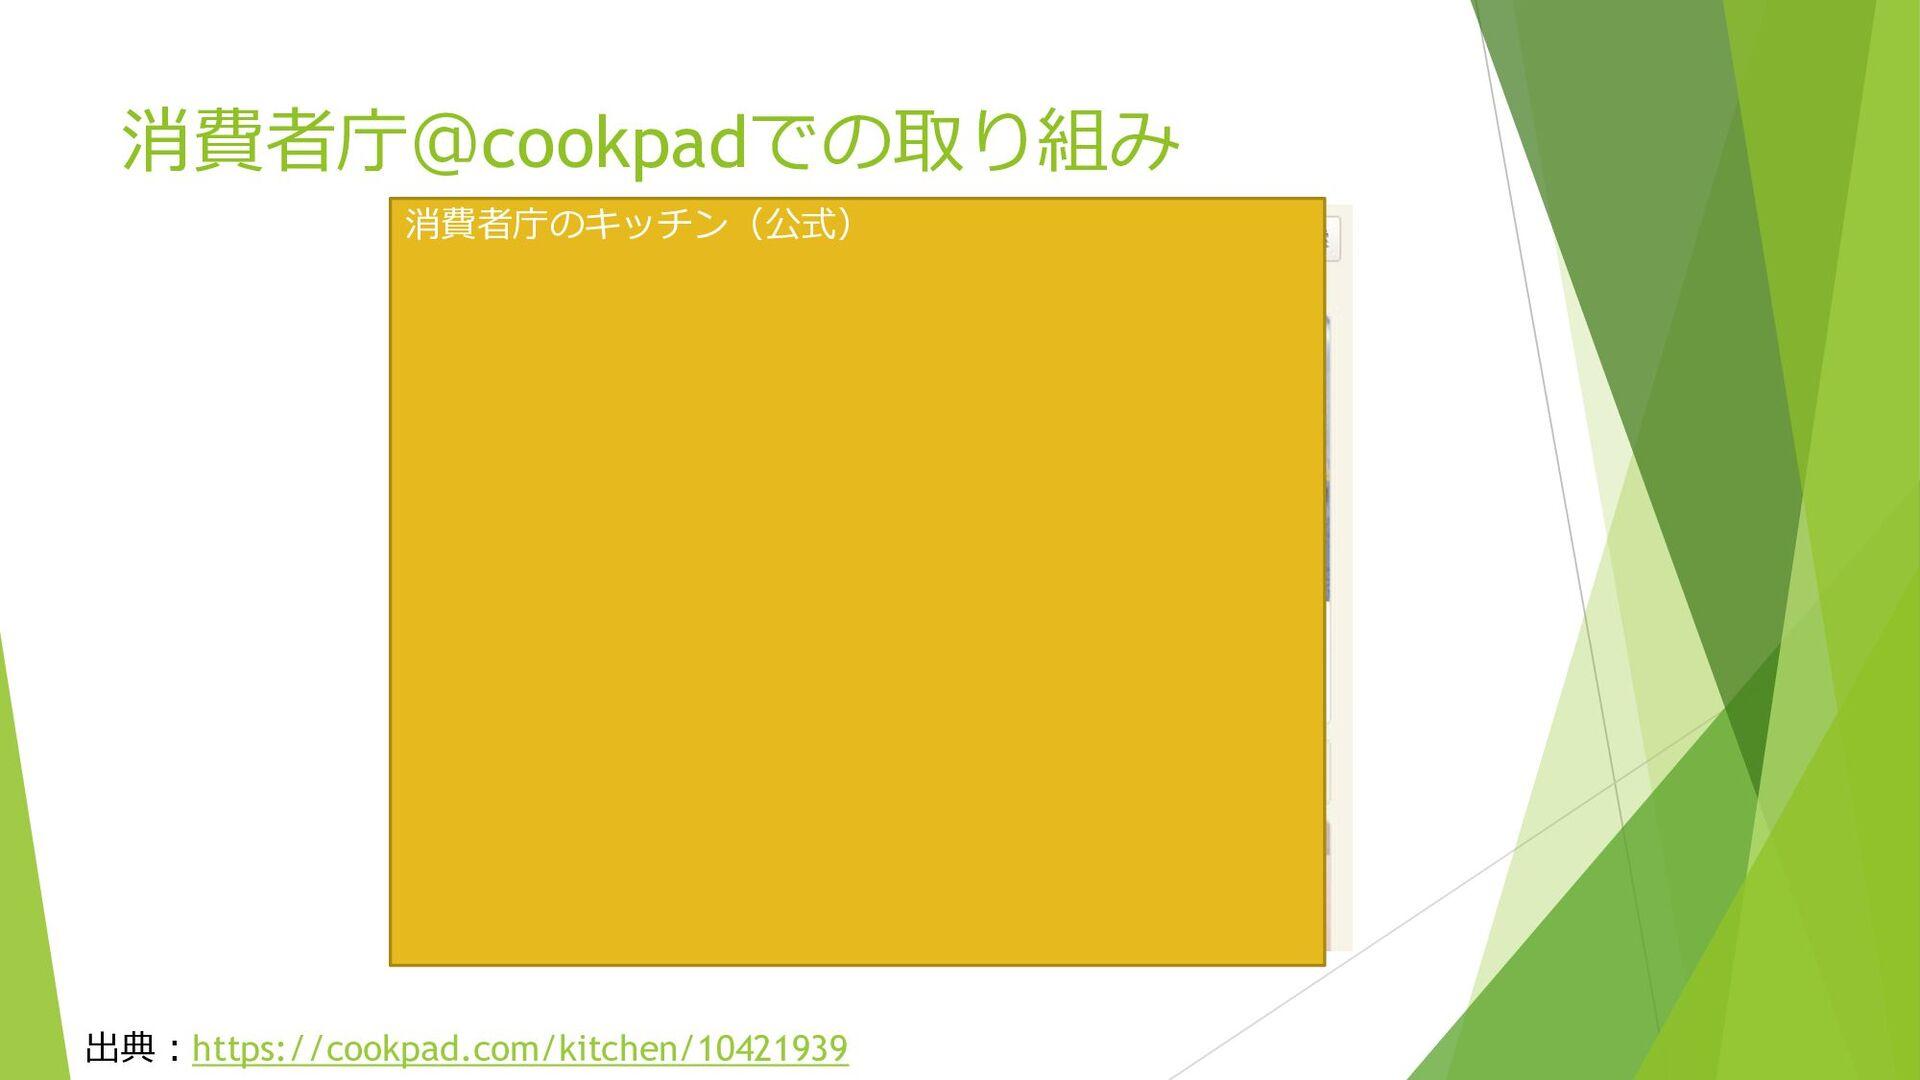 消費者庁@cookpadでの取り組み 出典:https://cookpad.com/kitch...